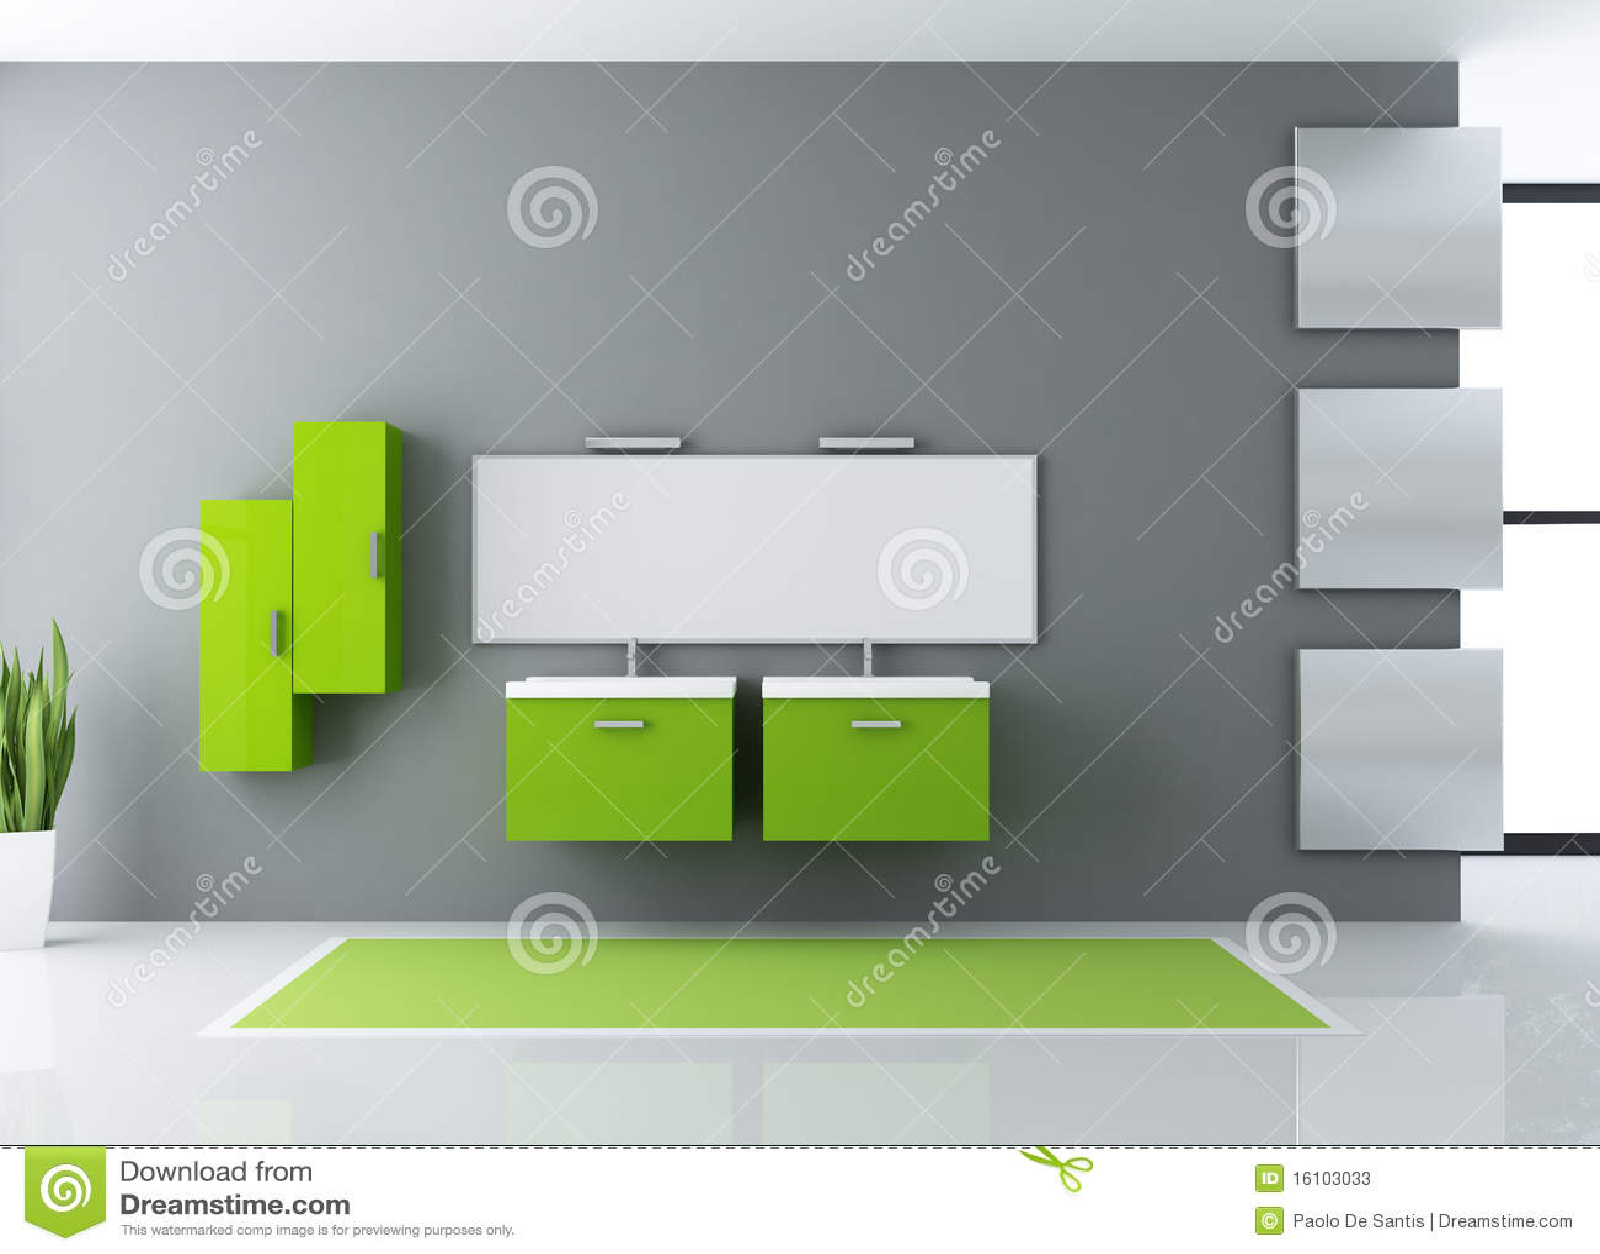 Imagens de #7EA625 Banheiro Verde Fotos de Stock Imagem: 16103033 1300x1036 px 3596 Banheiros Verdes Fotos